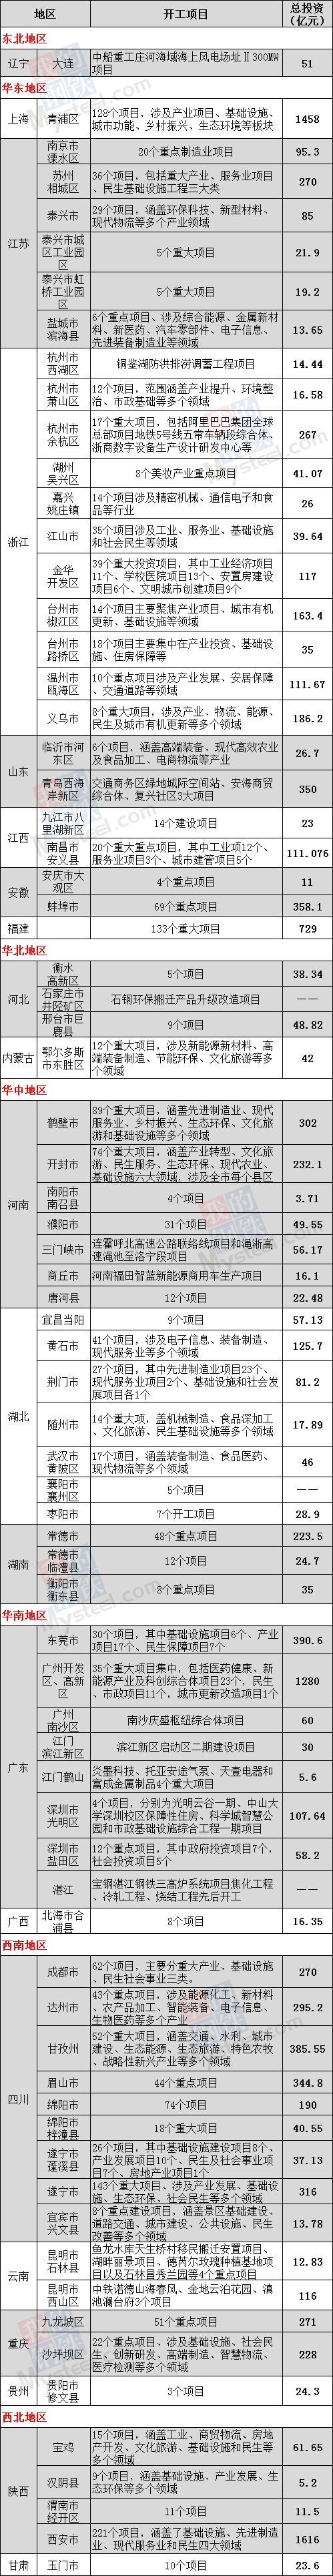 6月份開工項目約2000個 總投資超1.2萬億